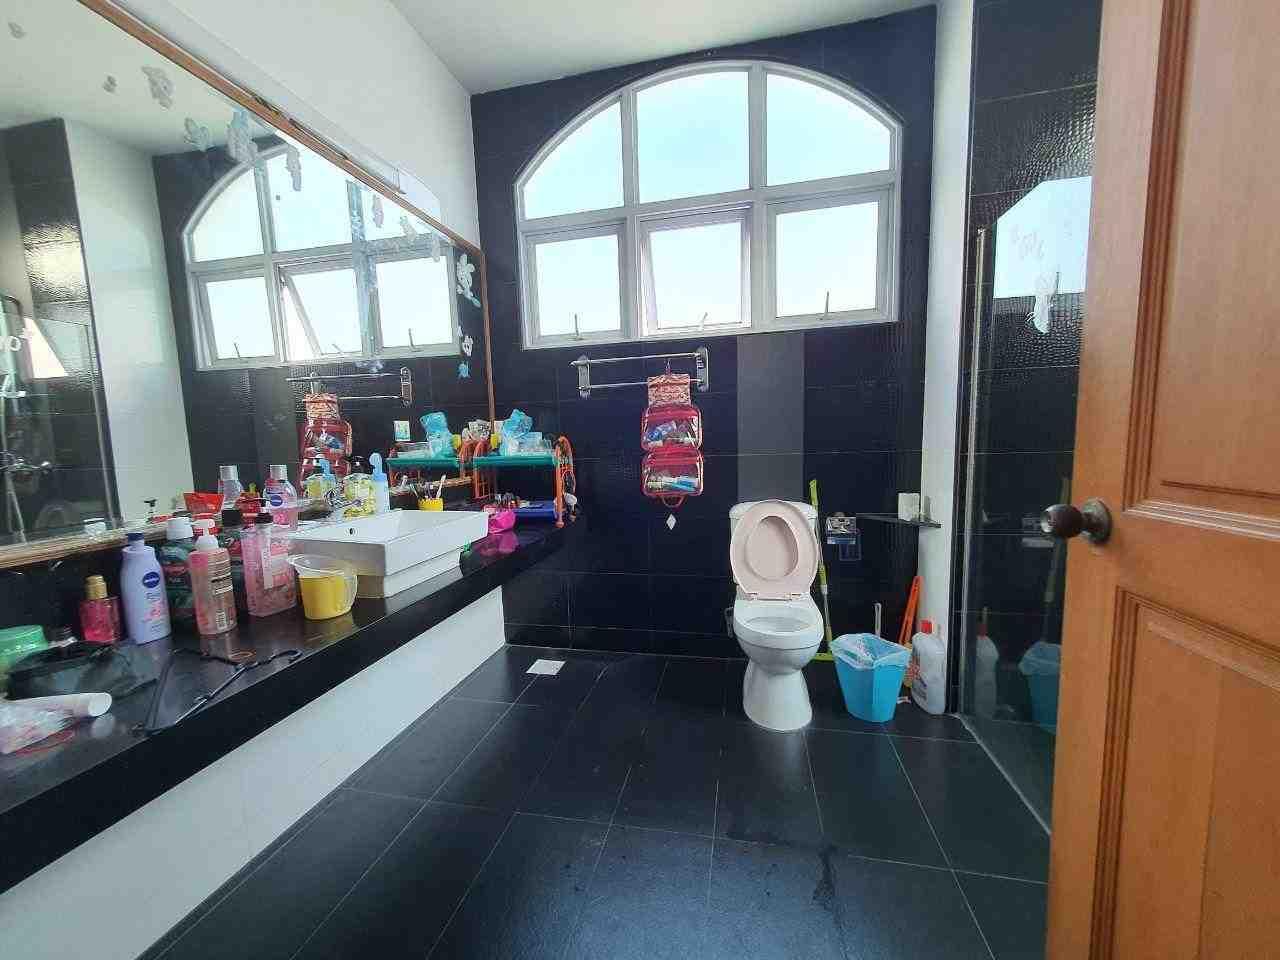 2nd floor master bedroom toilet